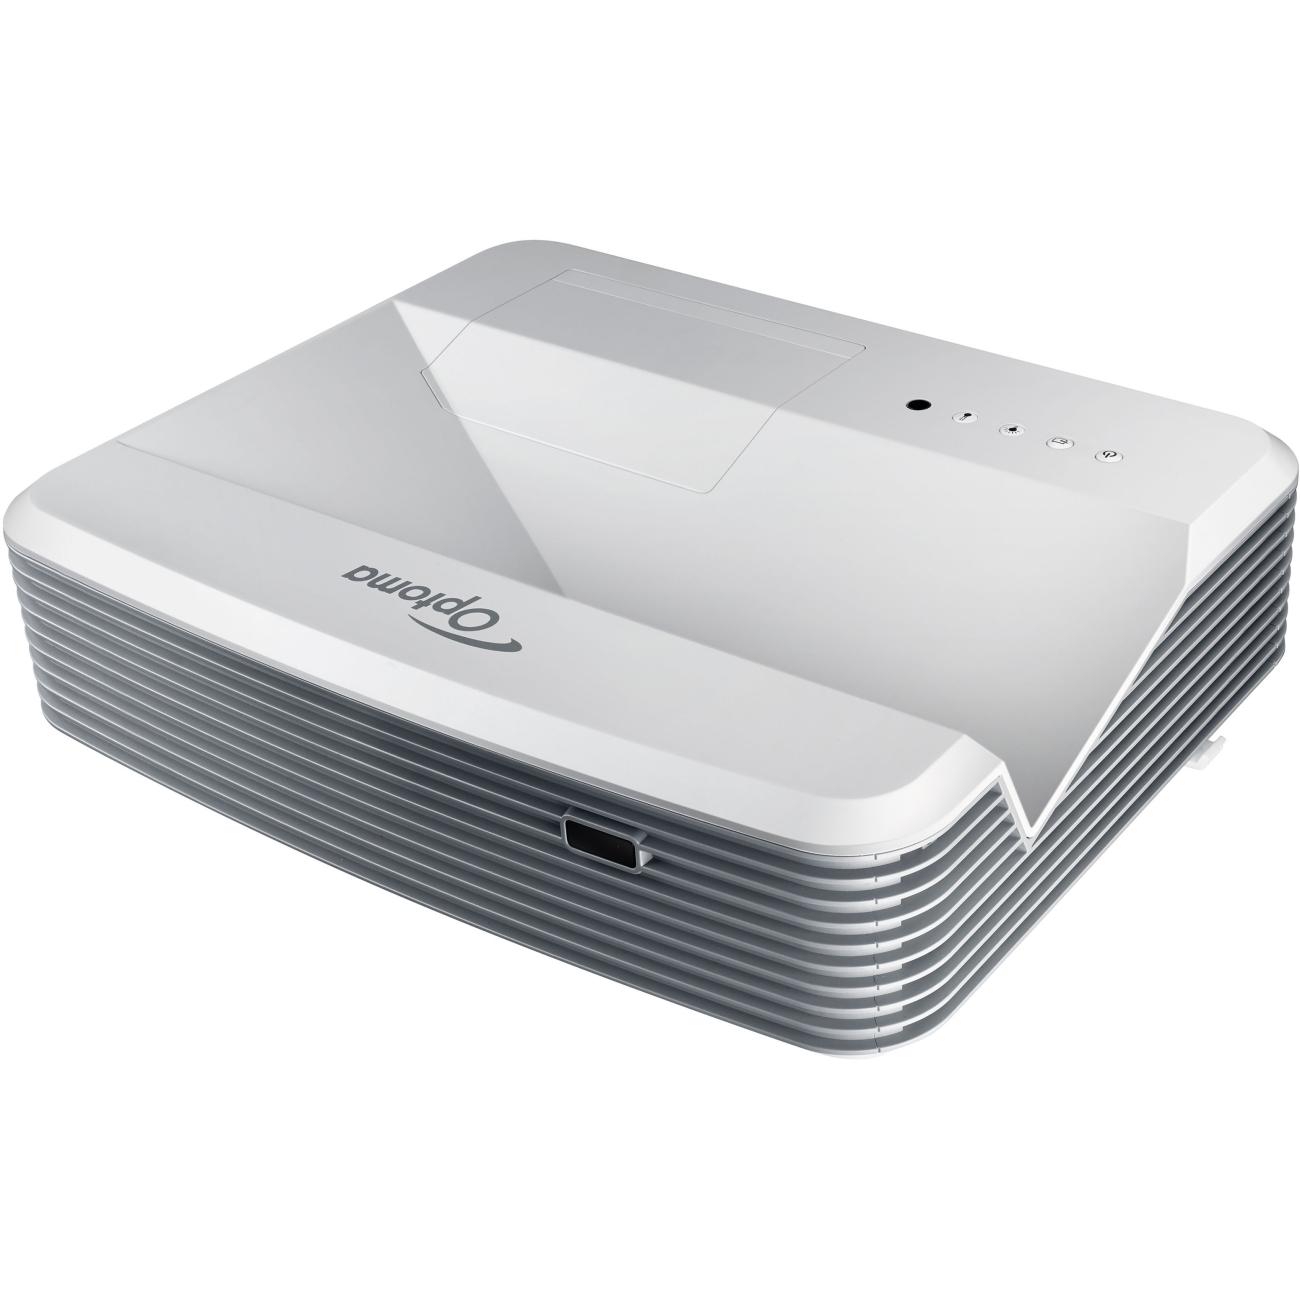 Optoma Technology W319UST 3300-Lumen WXGA U - [Site discount] W319UST